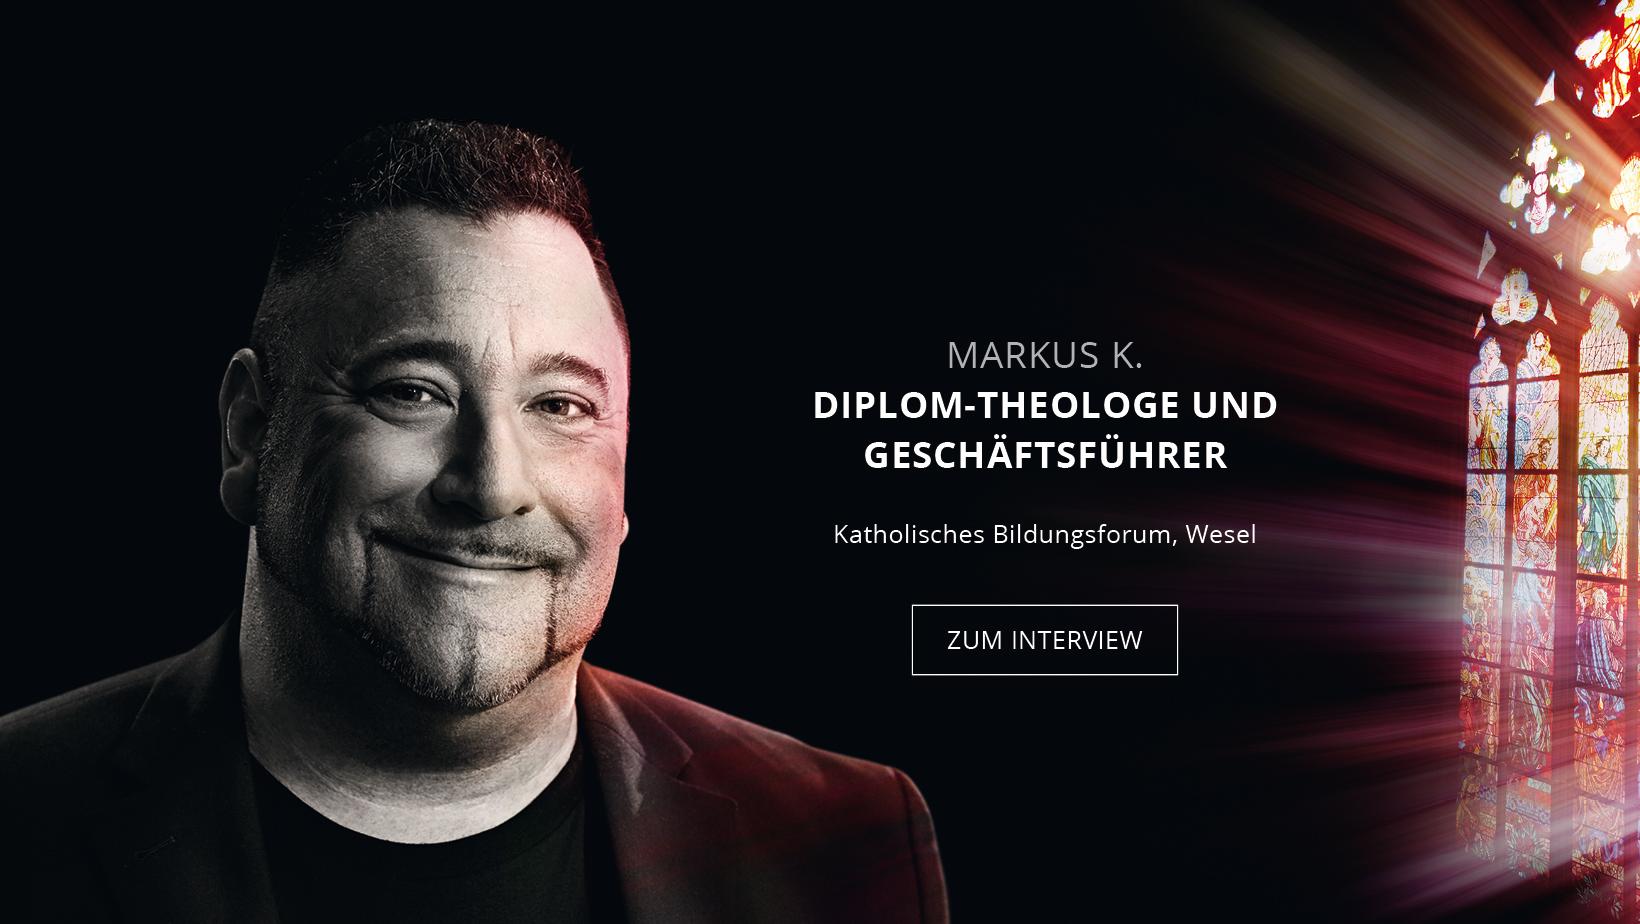 Diplom-Theologe und Geschäftsführer Markus Kuhlmann